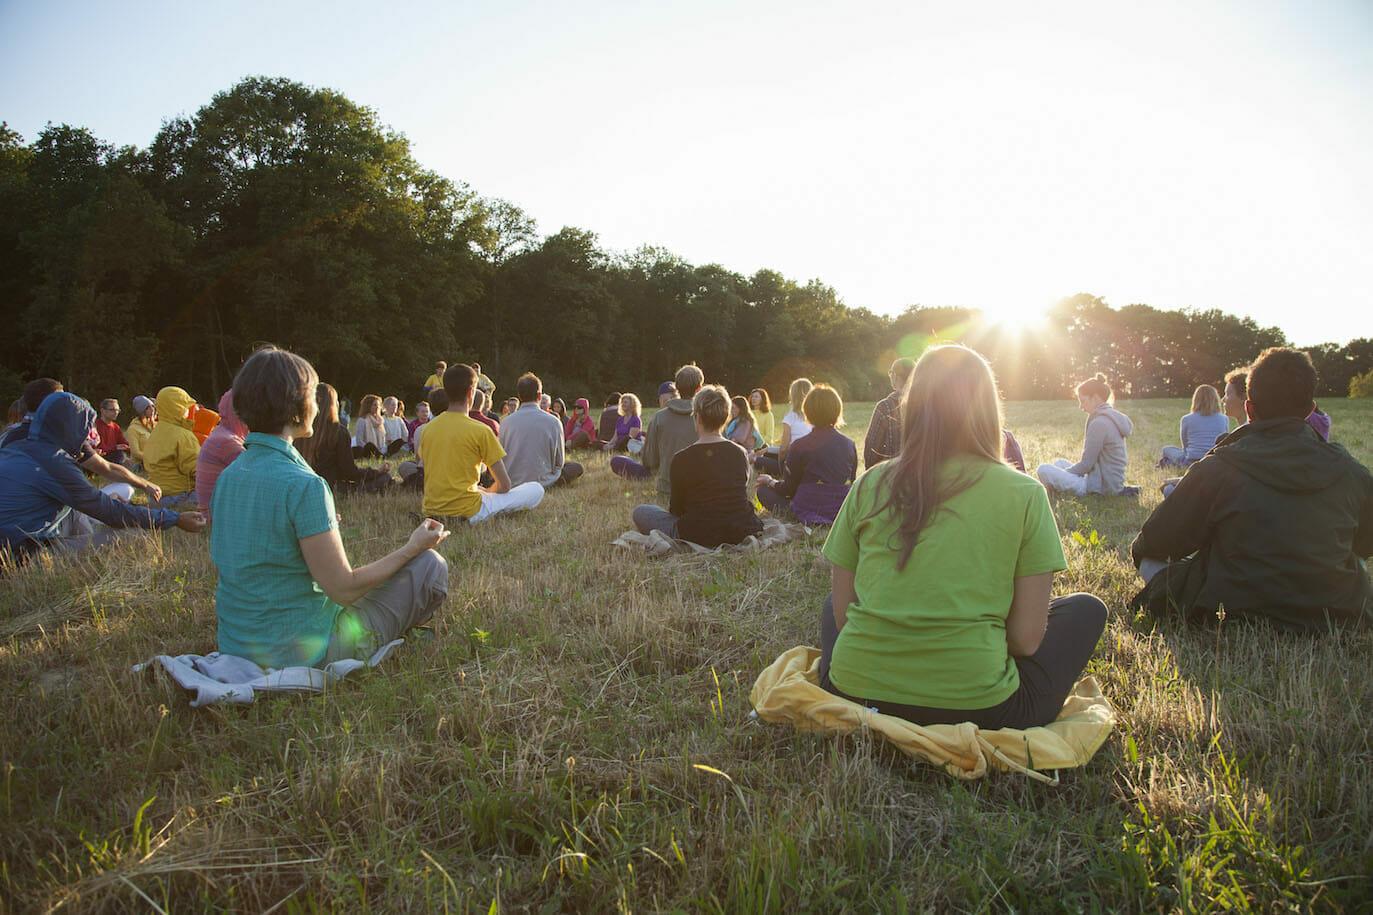 Le yoga, un mode de vie | Ashram de Yoga Sivananda | Yoga | France